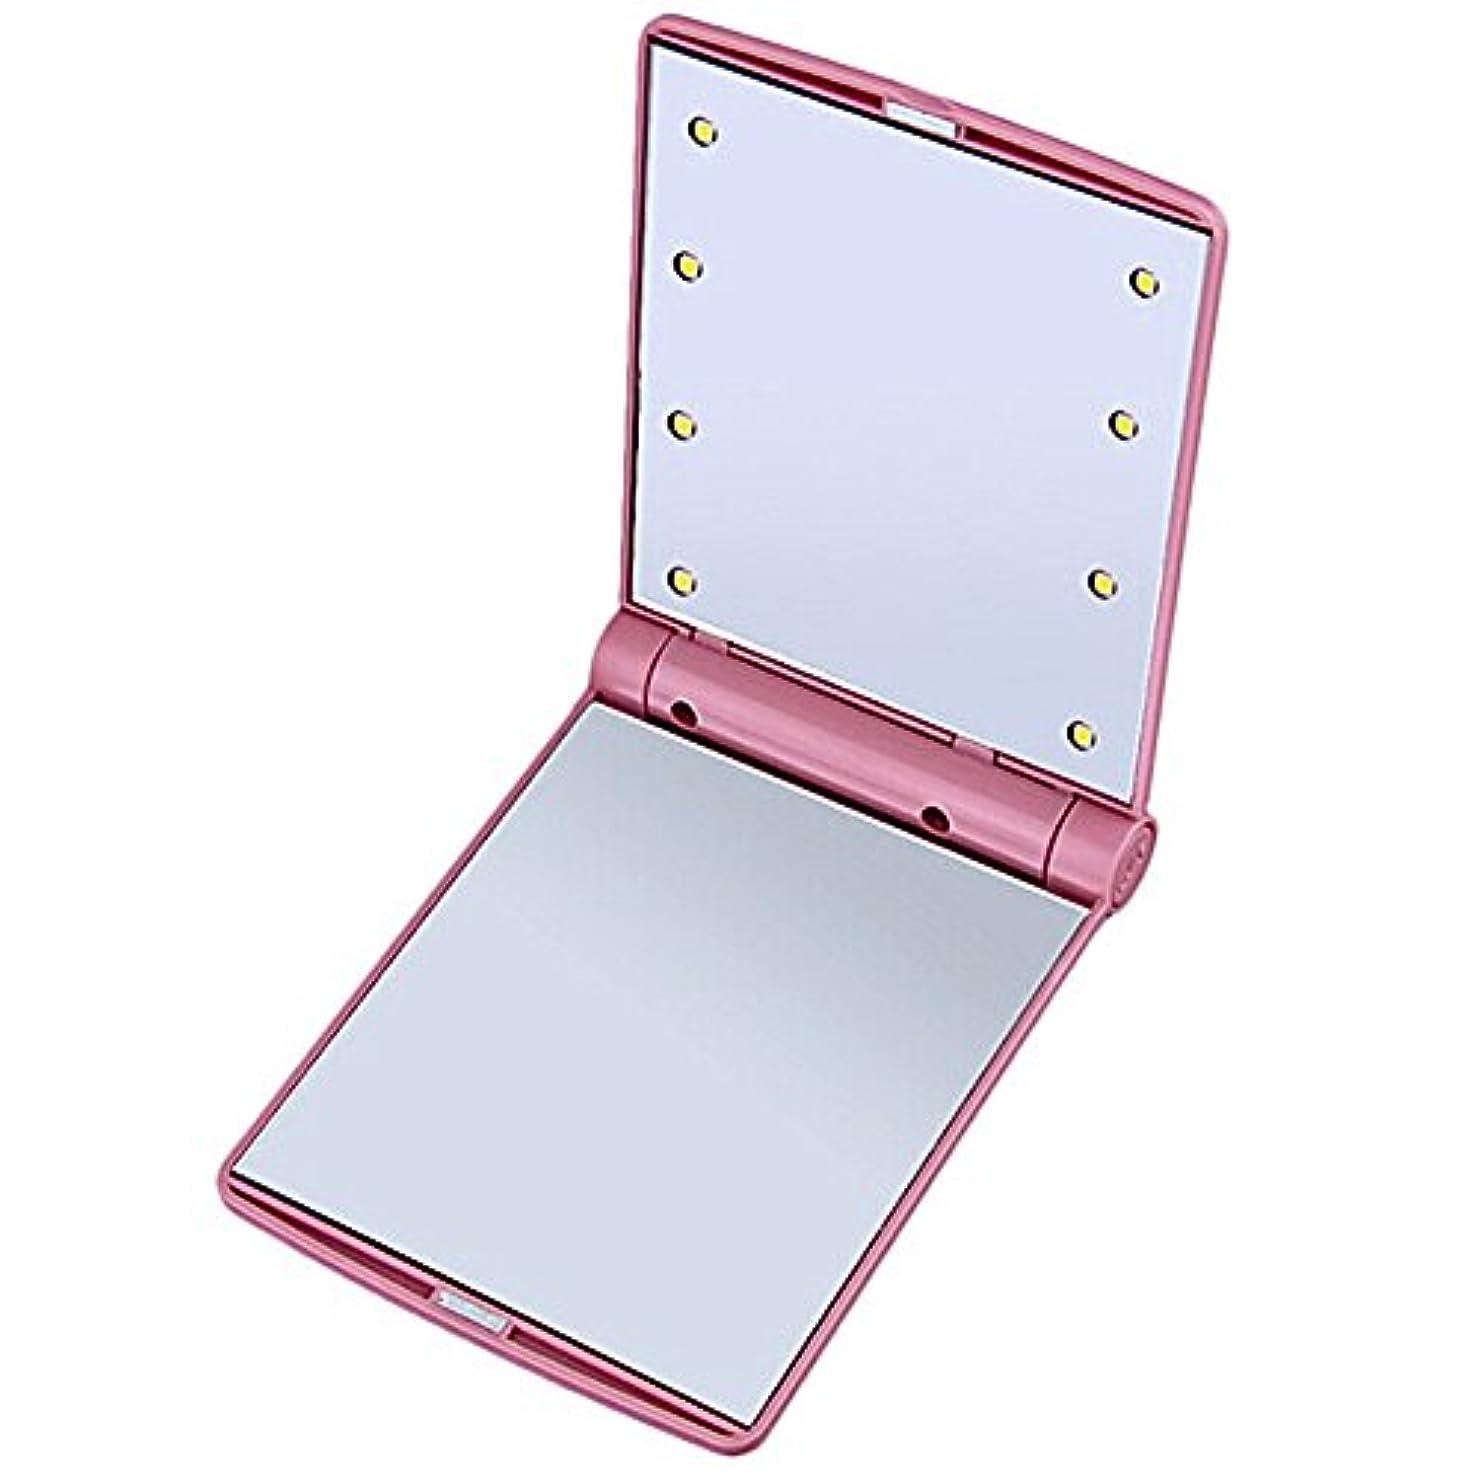 ソロ反論ブロックするB-PING 鏡 化粧鏡 女優ミラー 調光型二面鏡 拡大鏡付き 330度調節可能 コンパクトミラー スタンドミラー 折りたたみ式 二面鏡 LED ライト8個 無印タイプ 5色のオプション (ピンク)